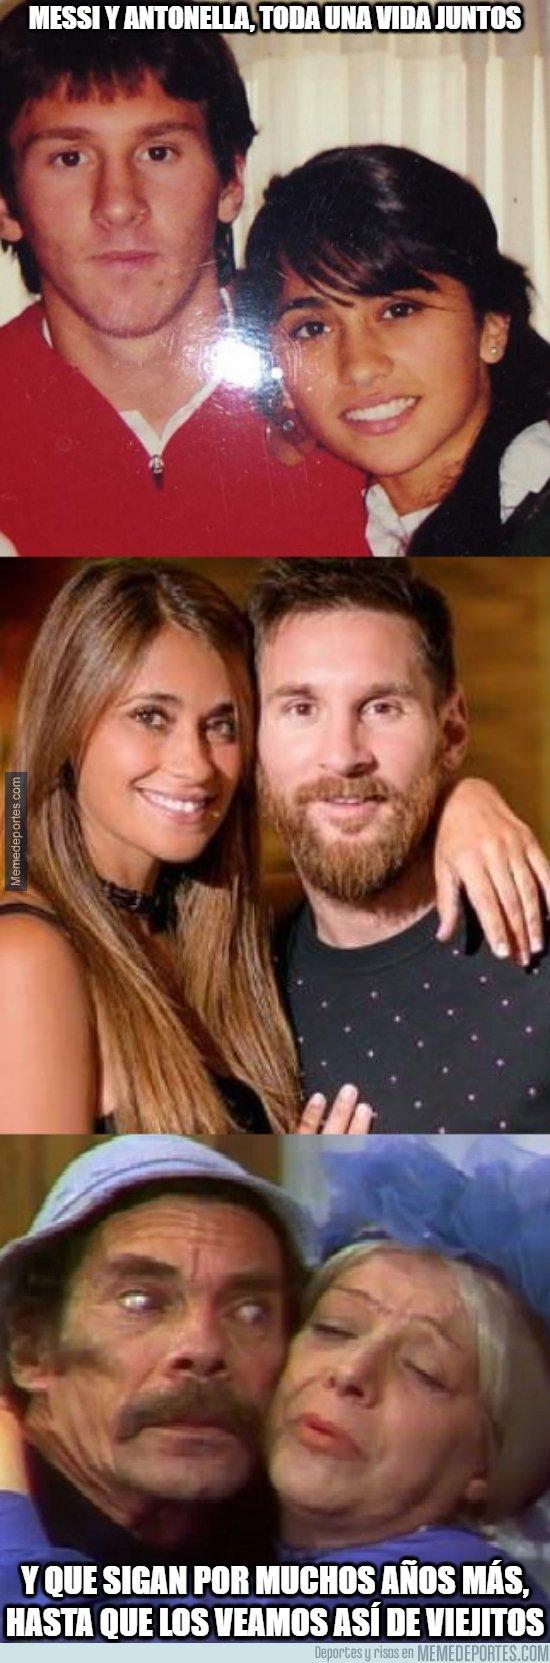 1089301 - Messi y Antonella, toda una vida juntos y lo que les queda...